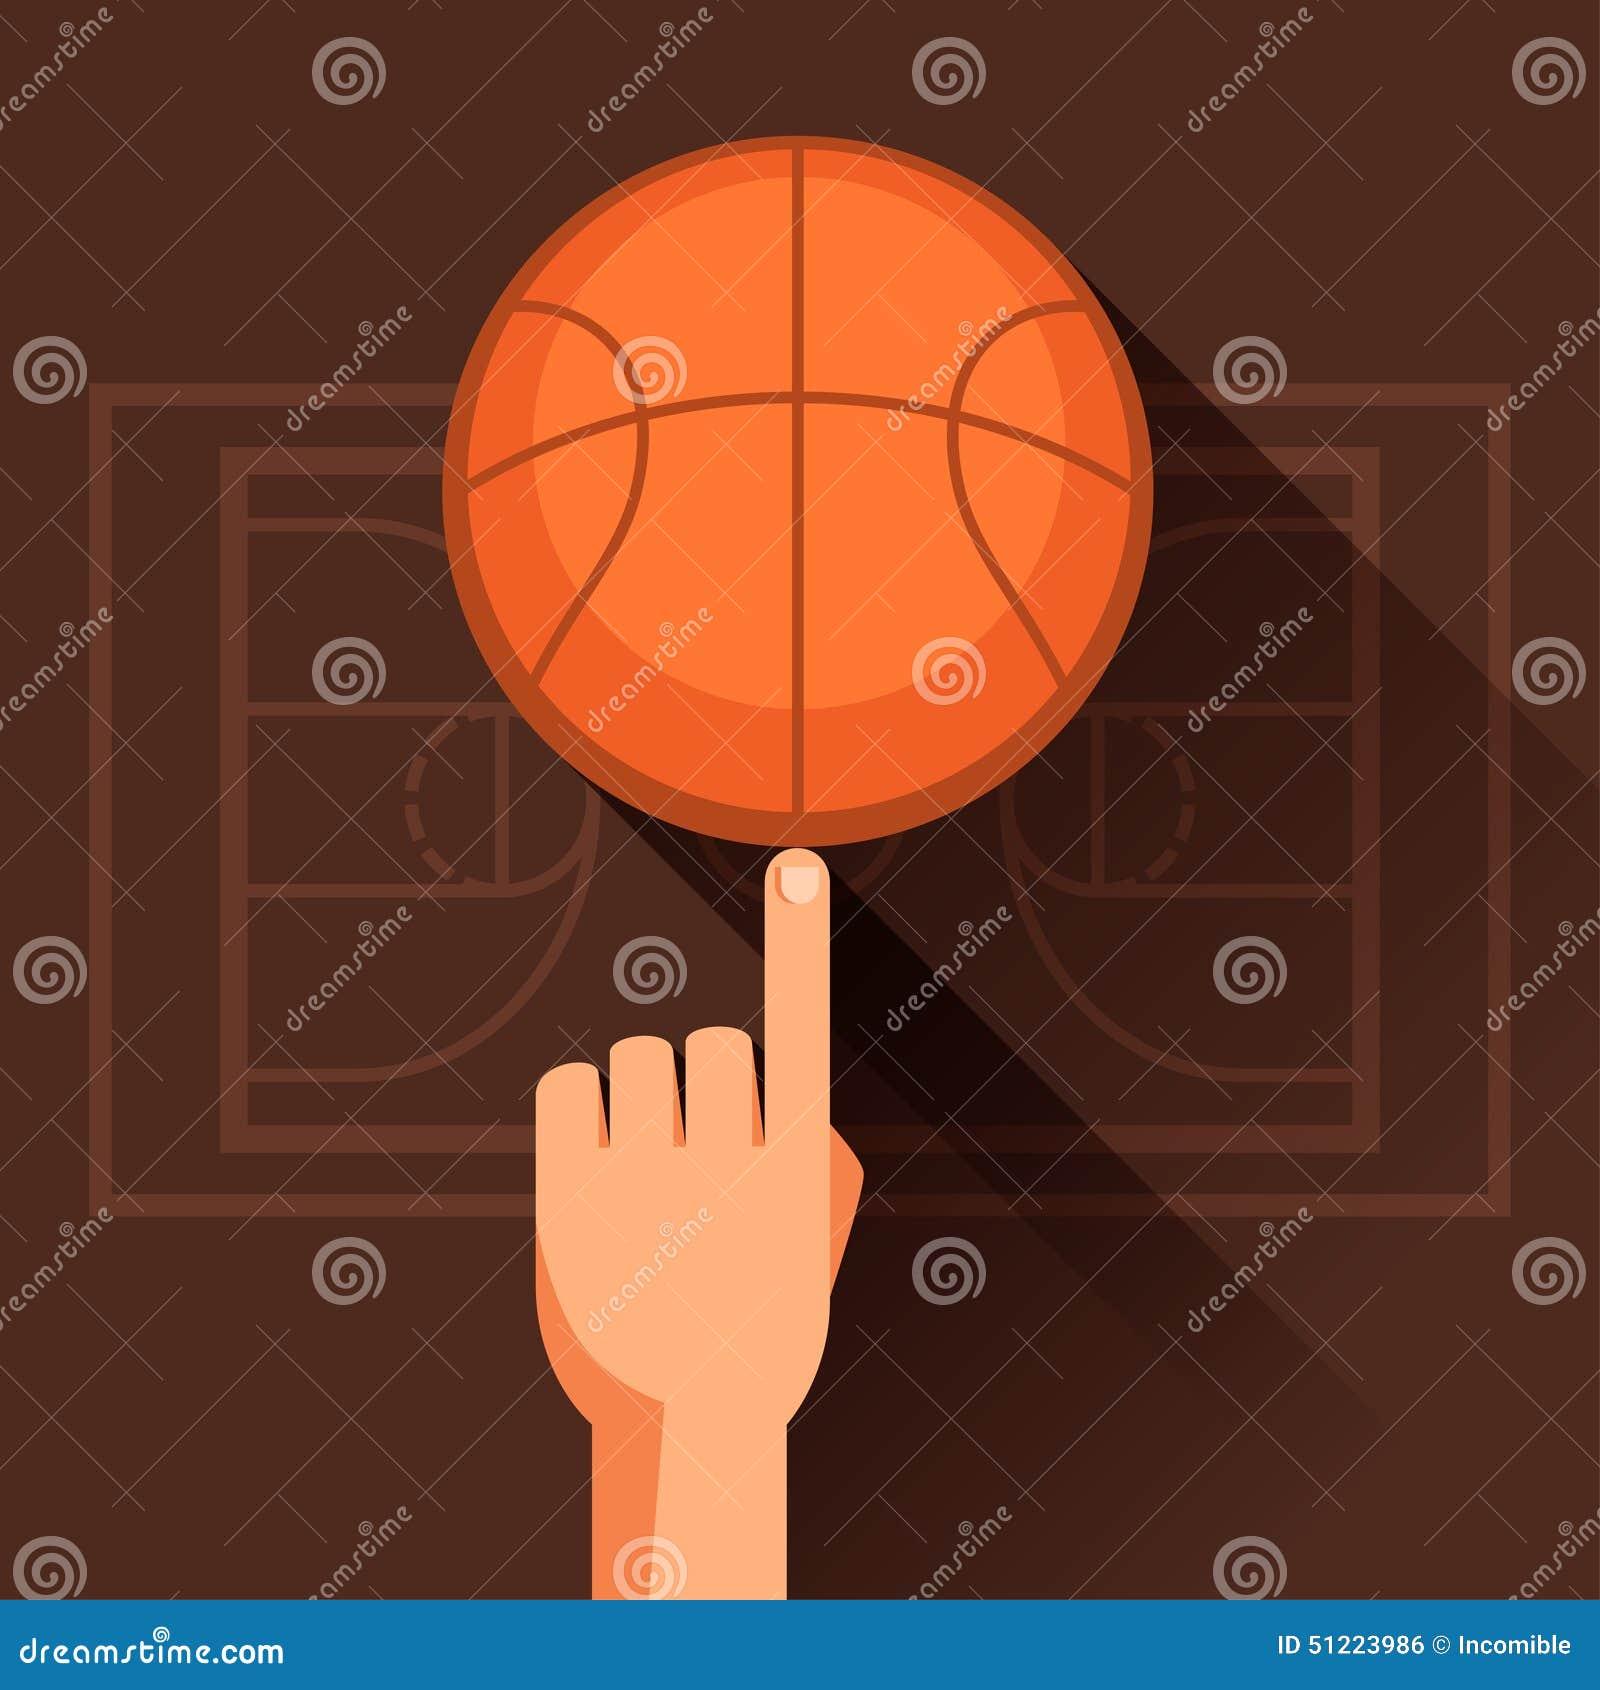 Ostenta a ilustração do basquetebol de giro da mão